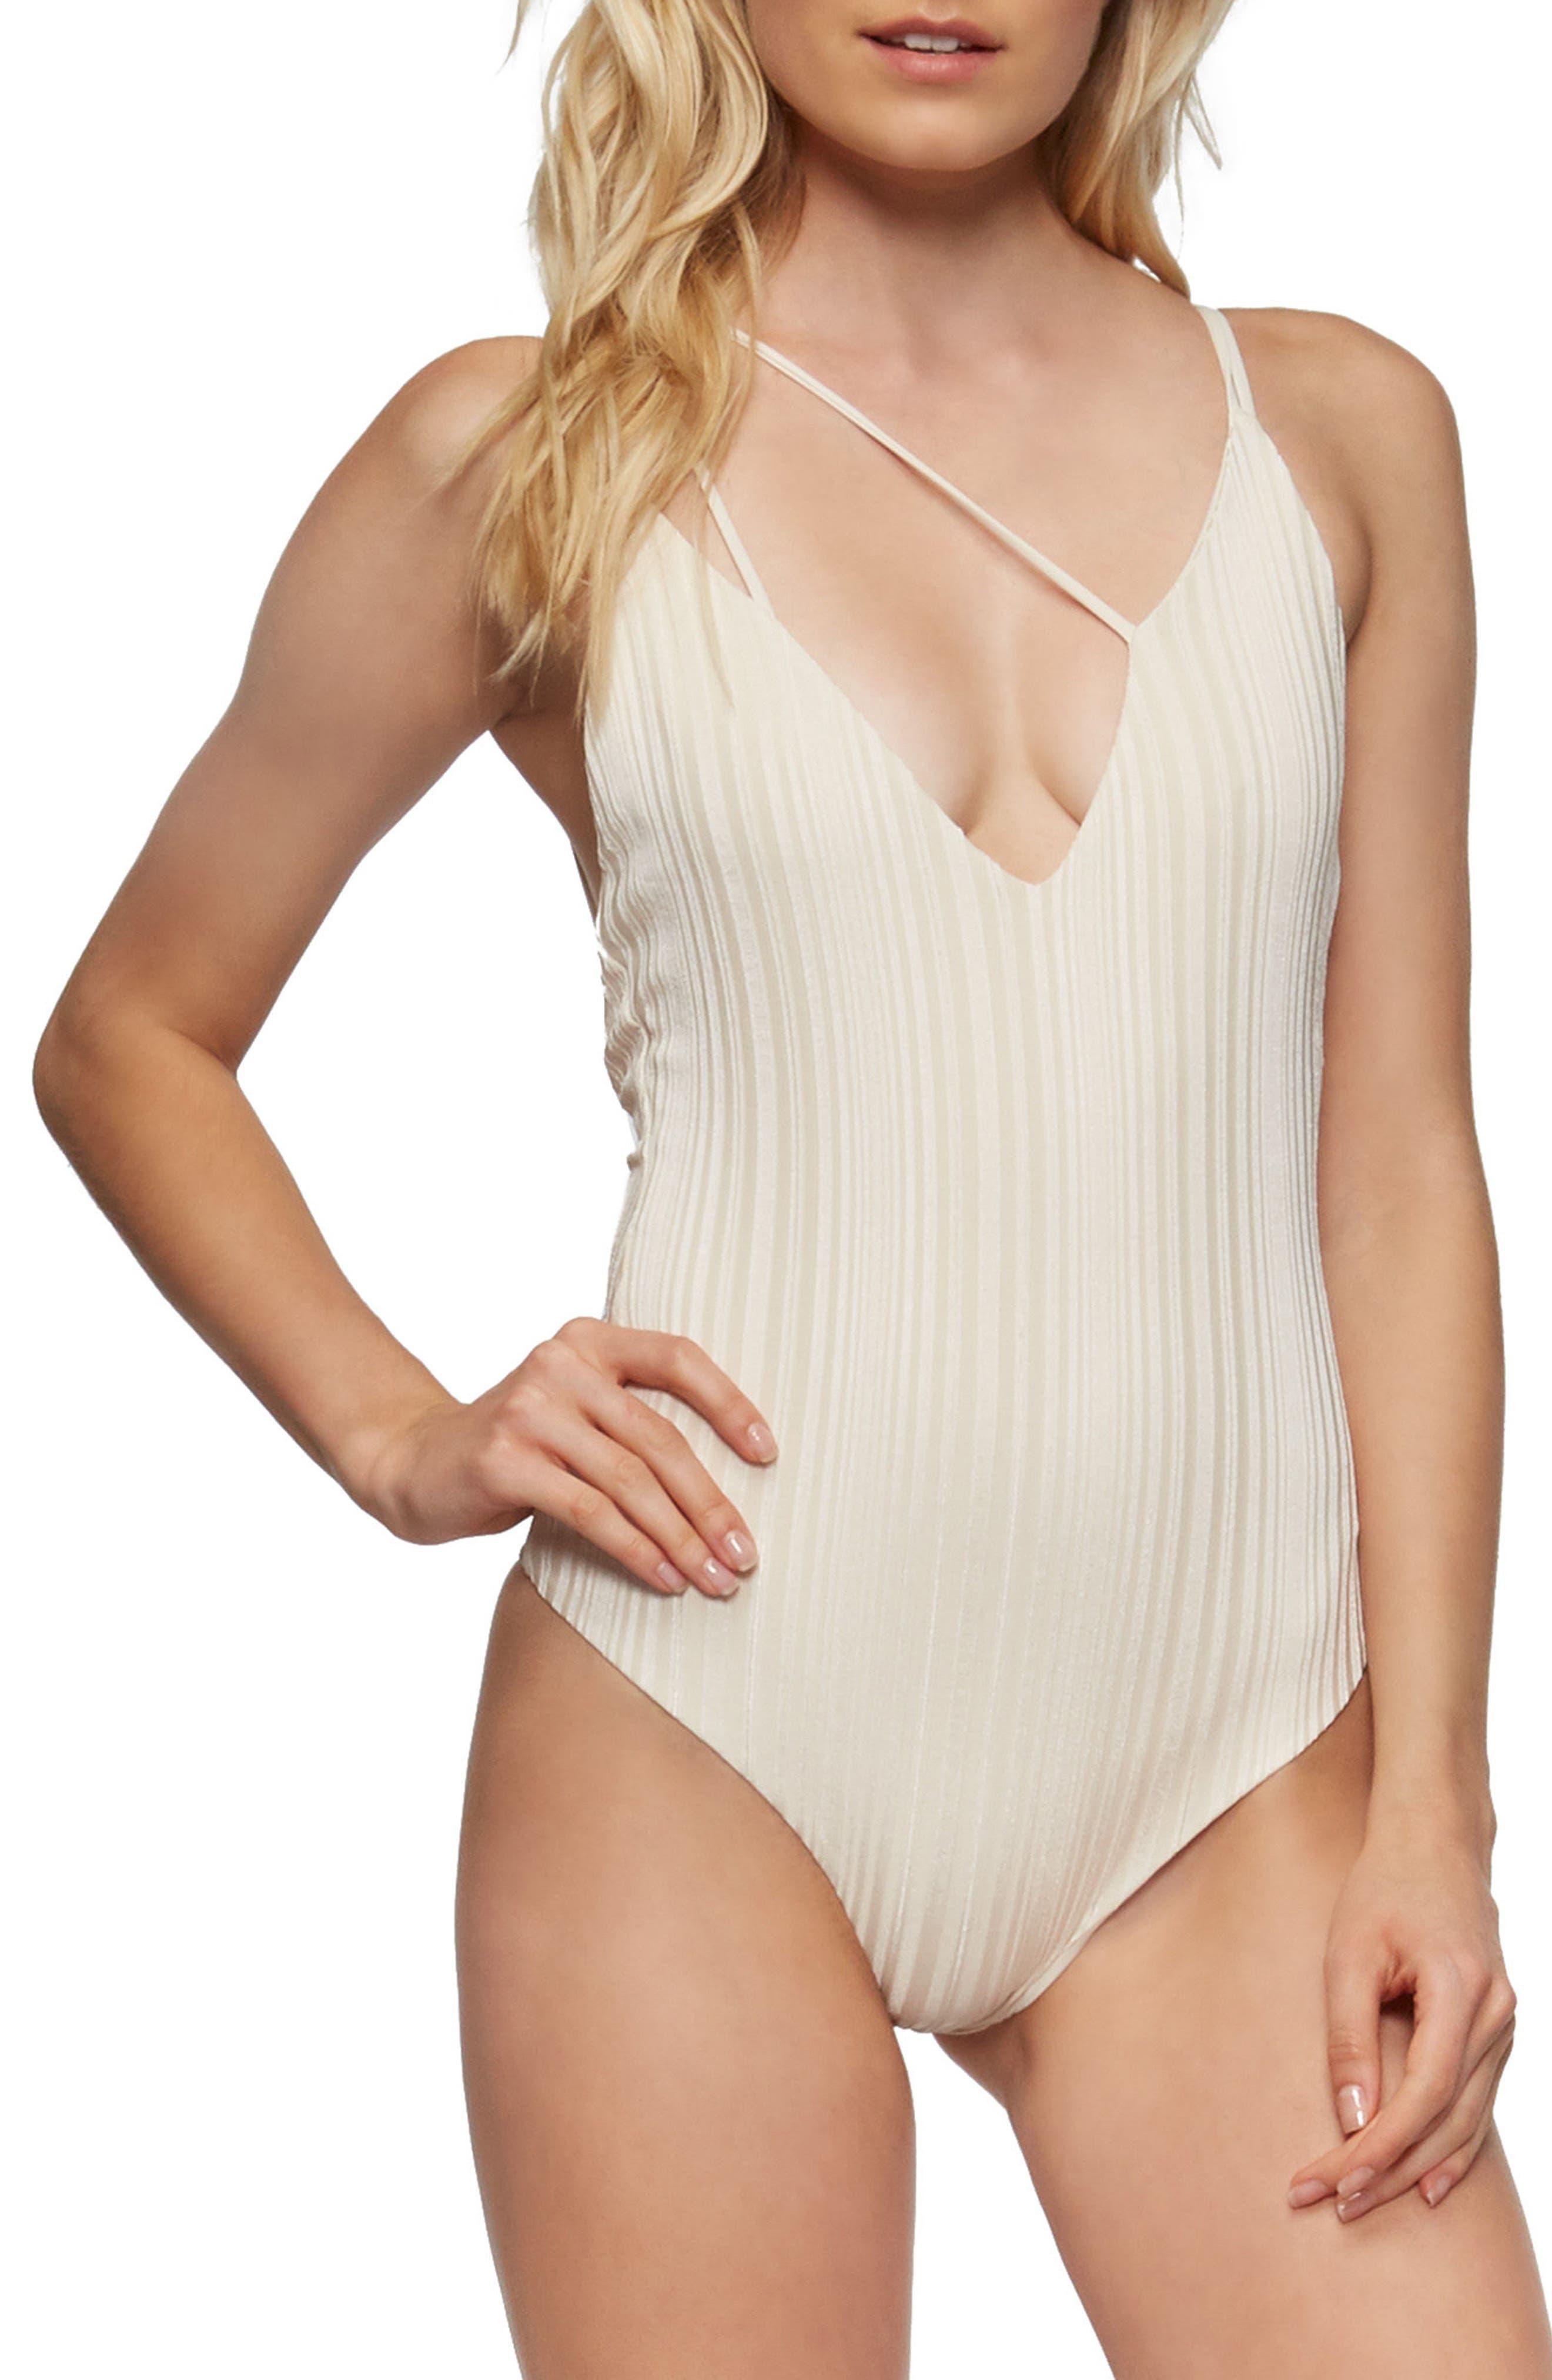 Coppola One-Piece Swimsuit,                         Main,                         color, Tapioca